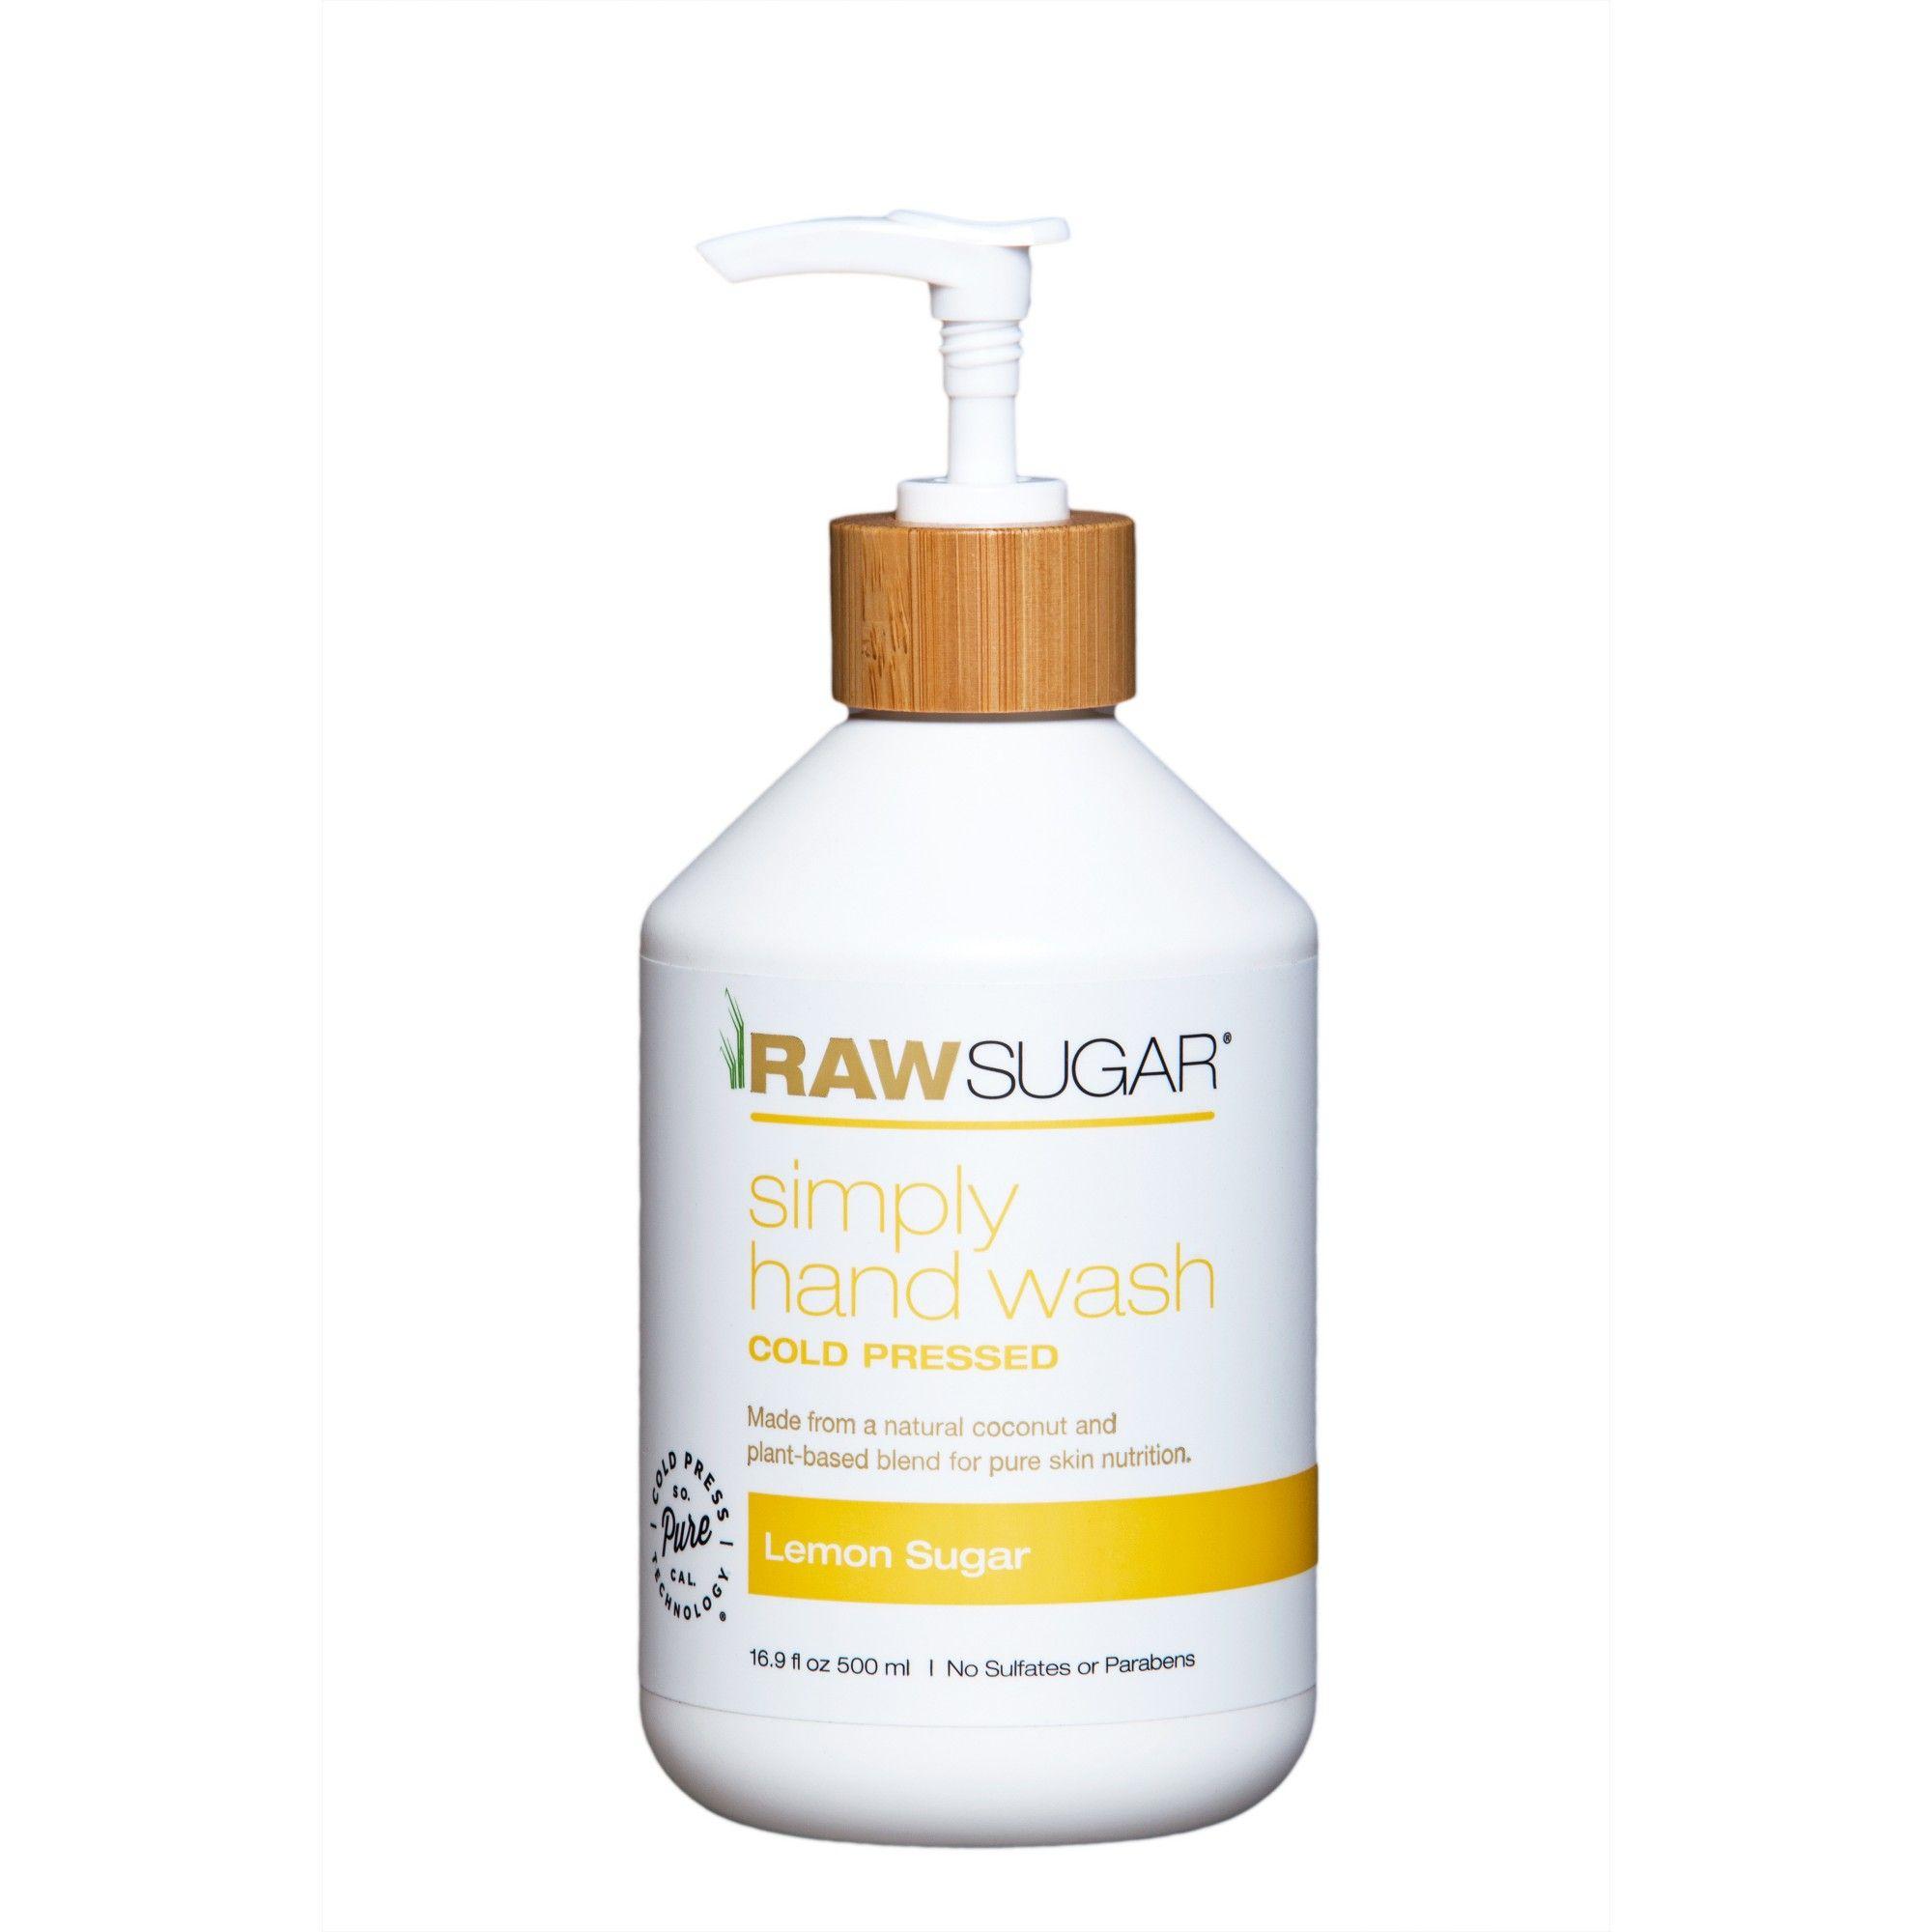 Raw Sugar Lemon Sugar Body Wash 25 Fl Oz